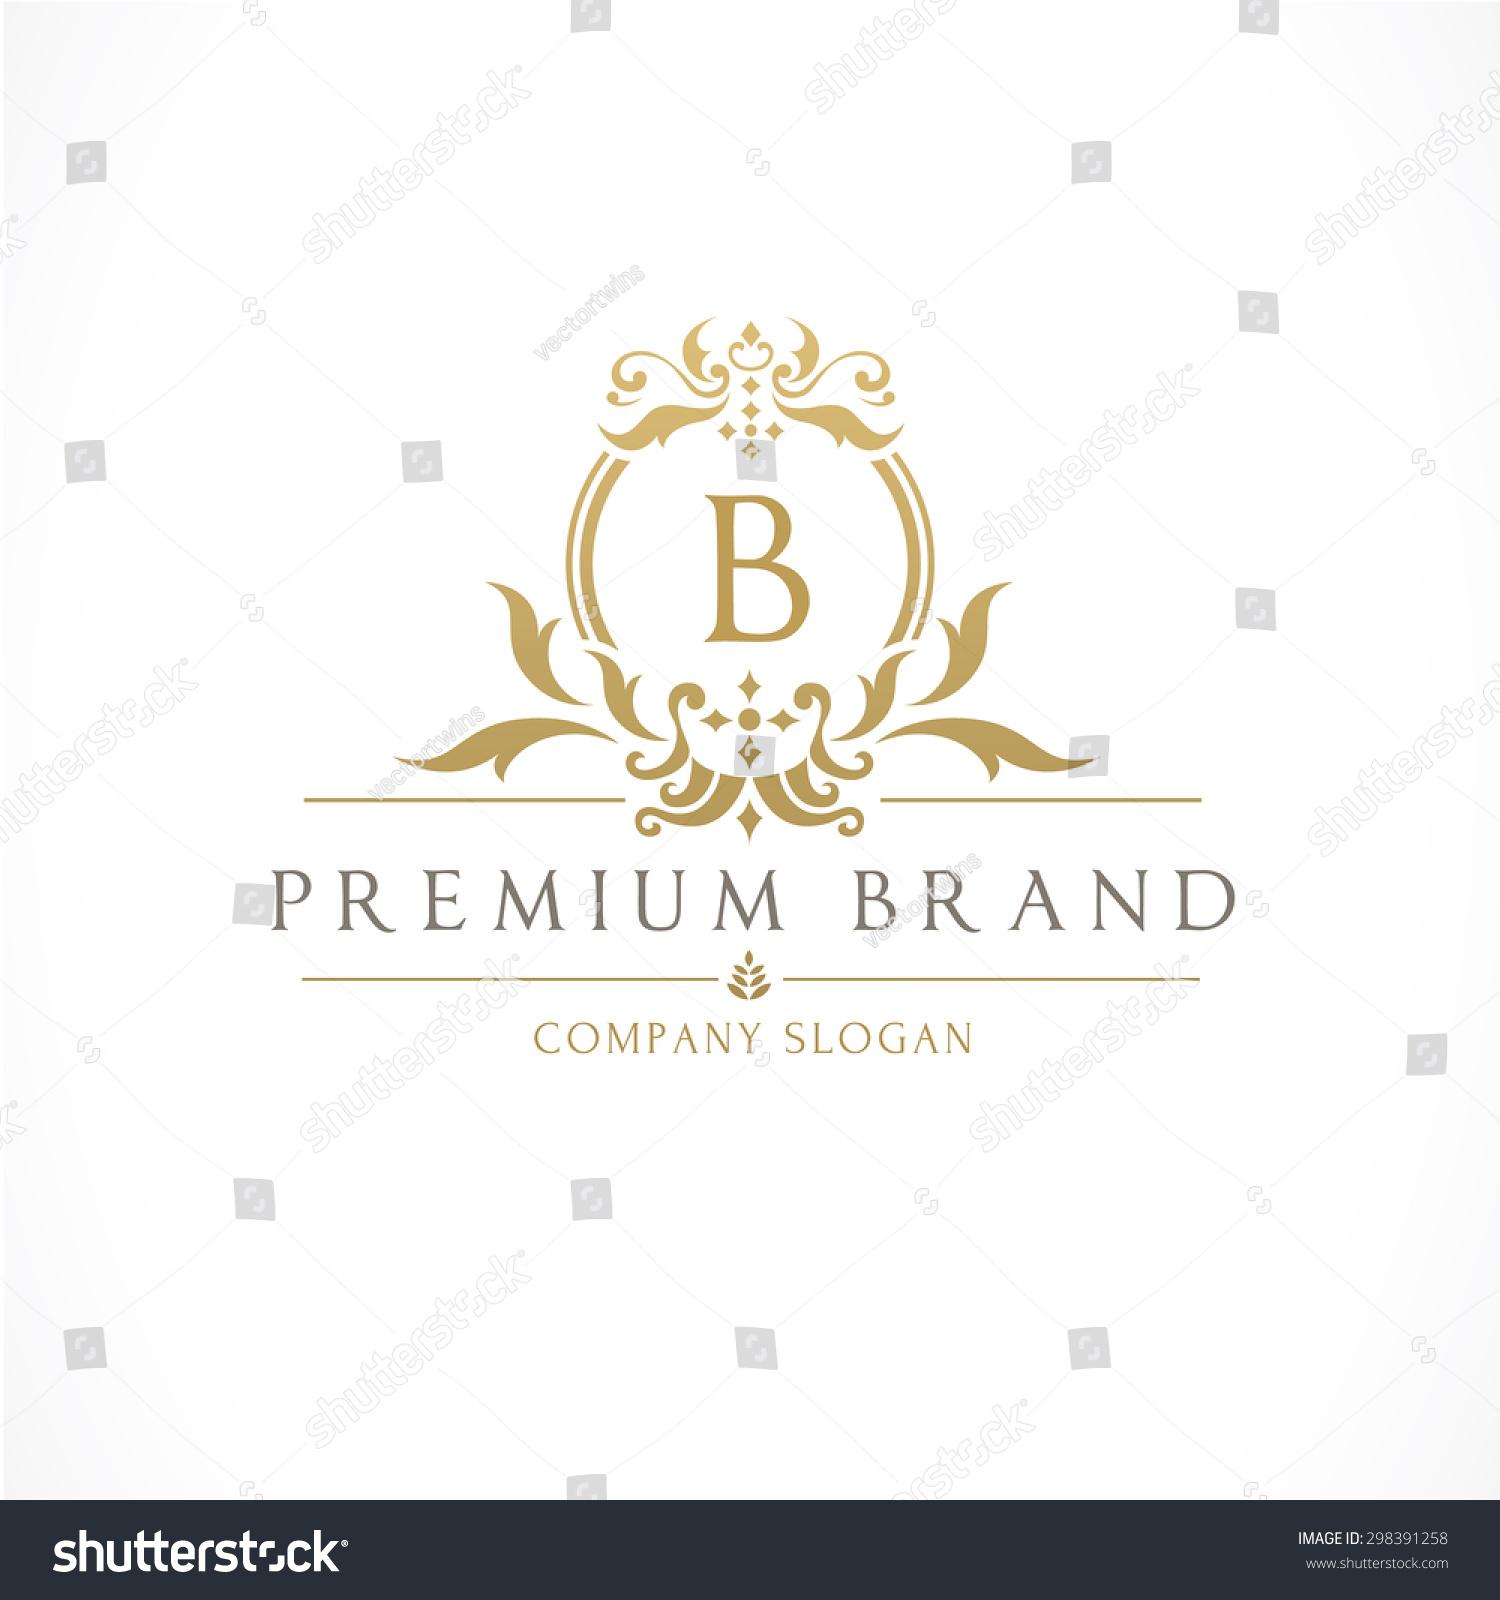 All fashion brand logos 93